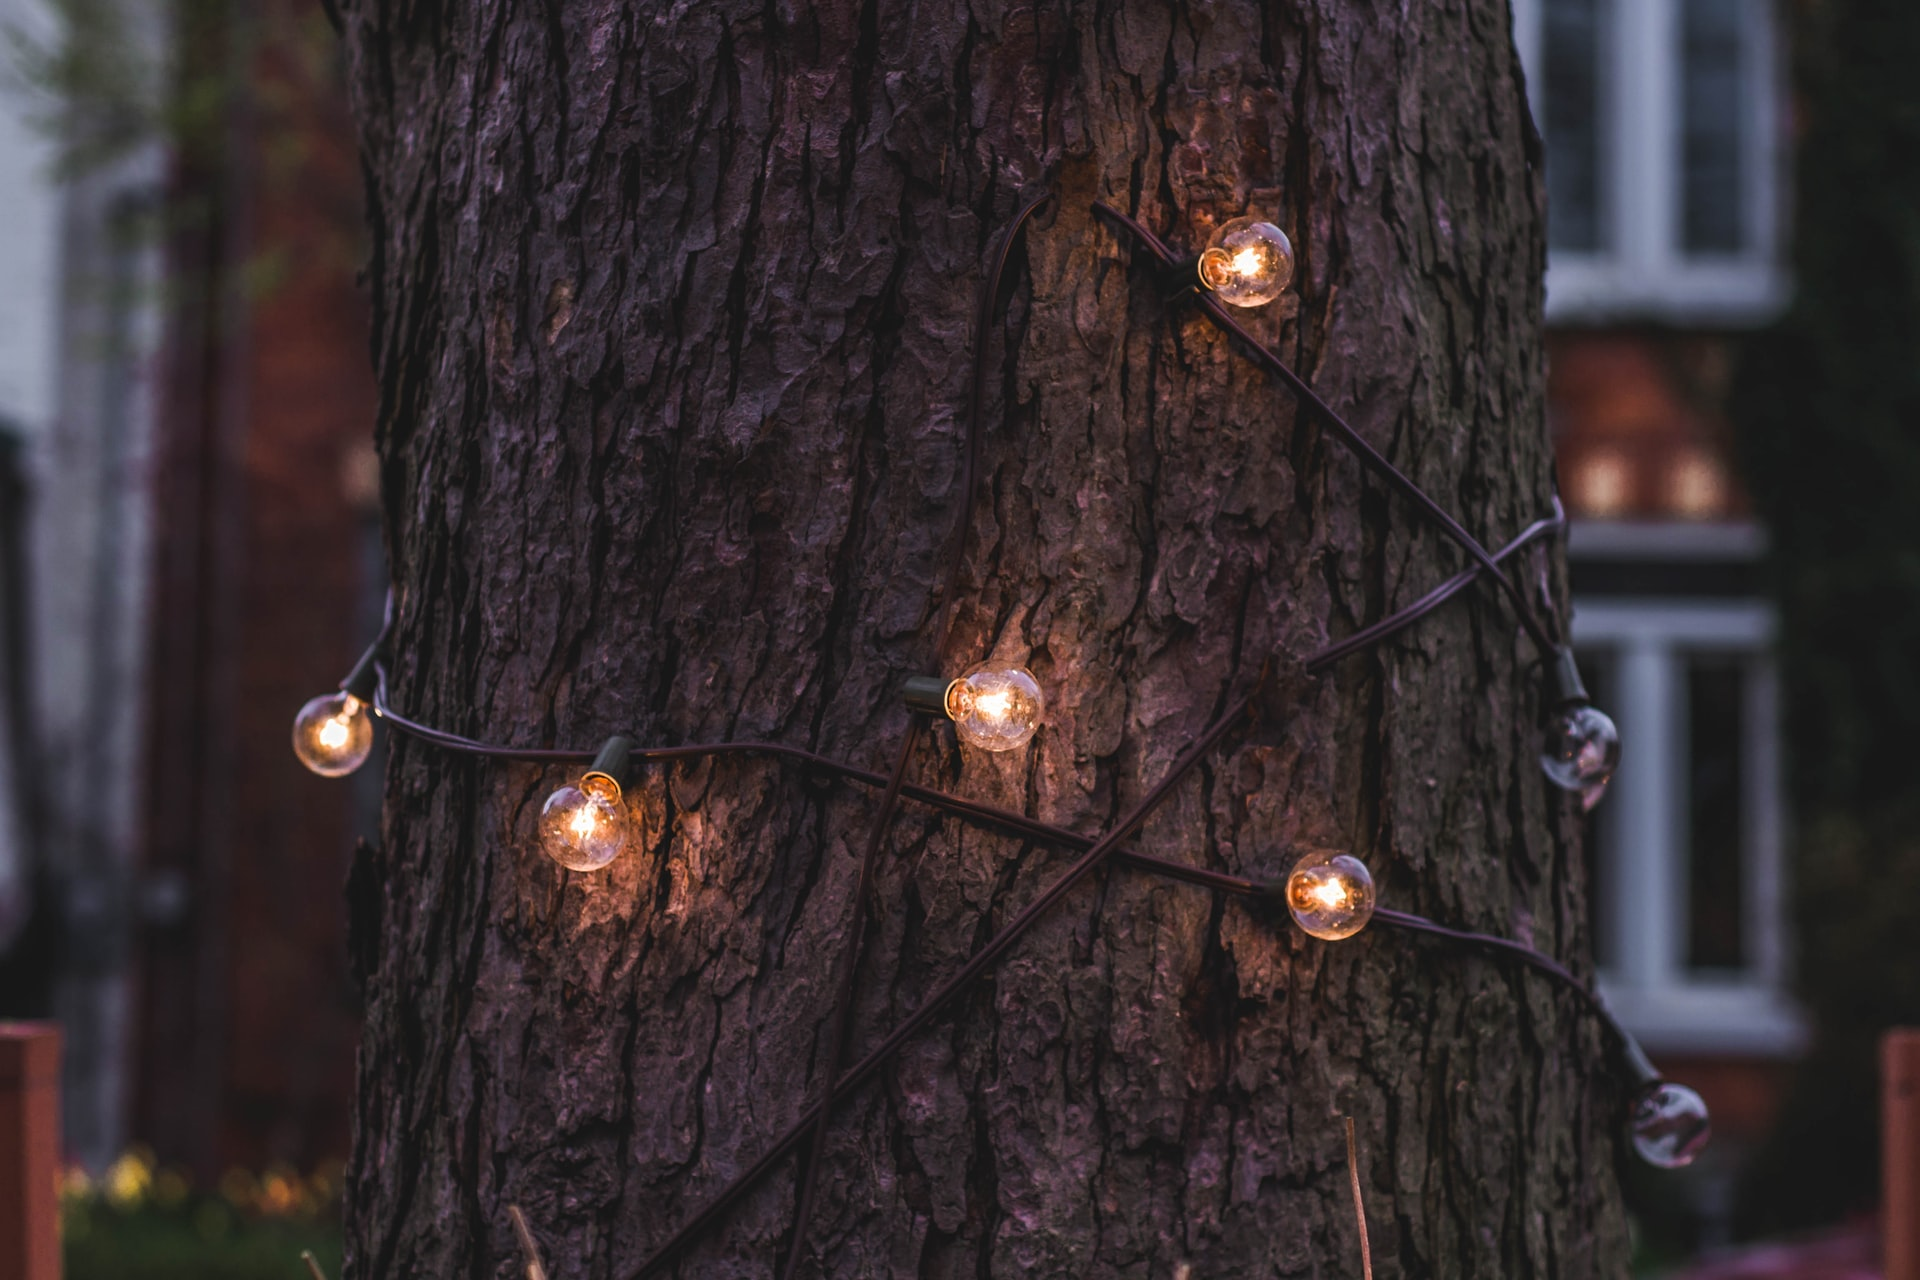 vyberomat sk garden lights